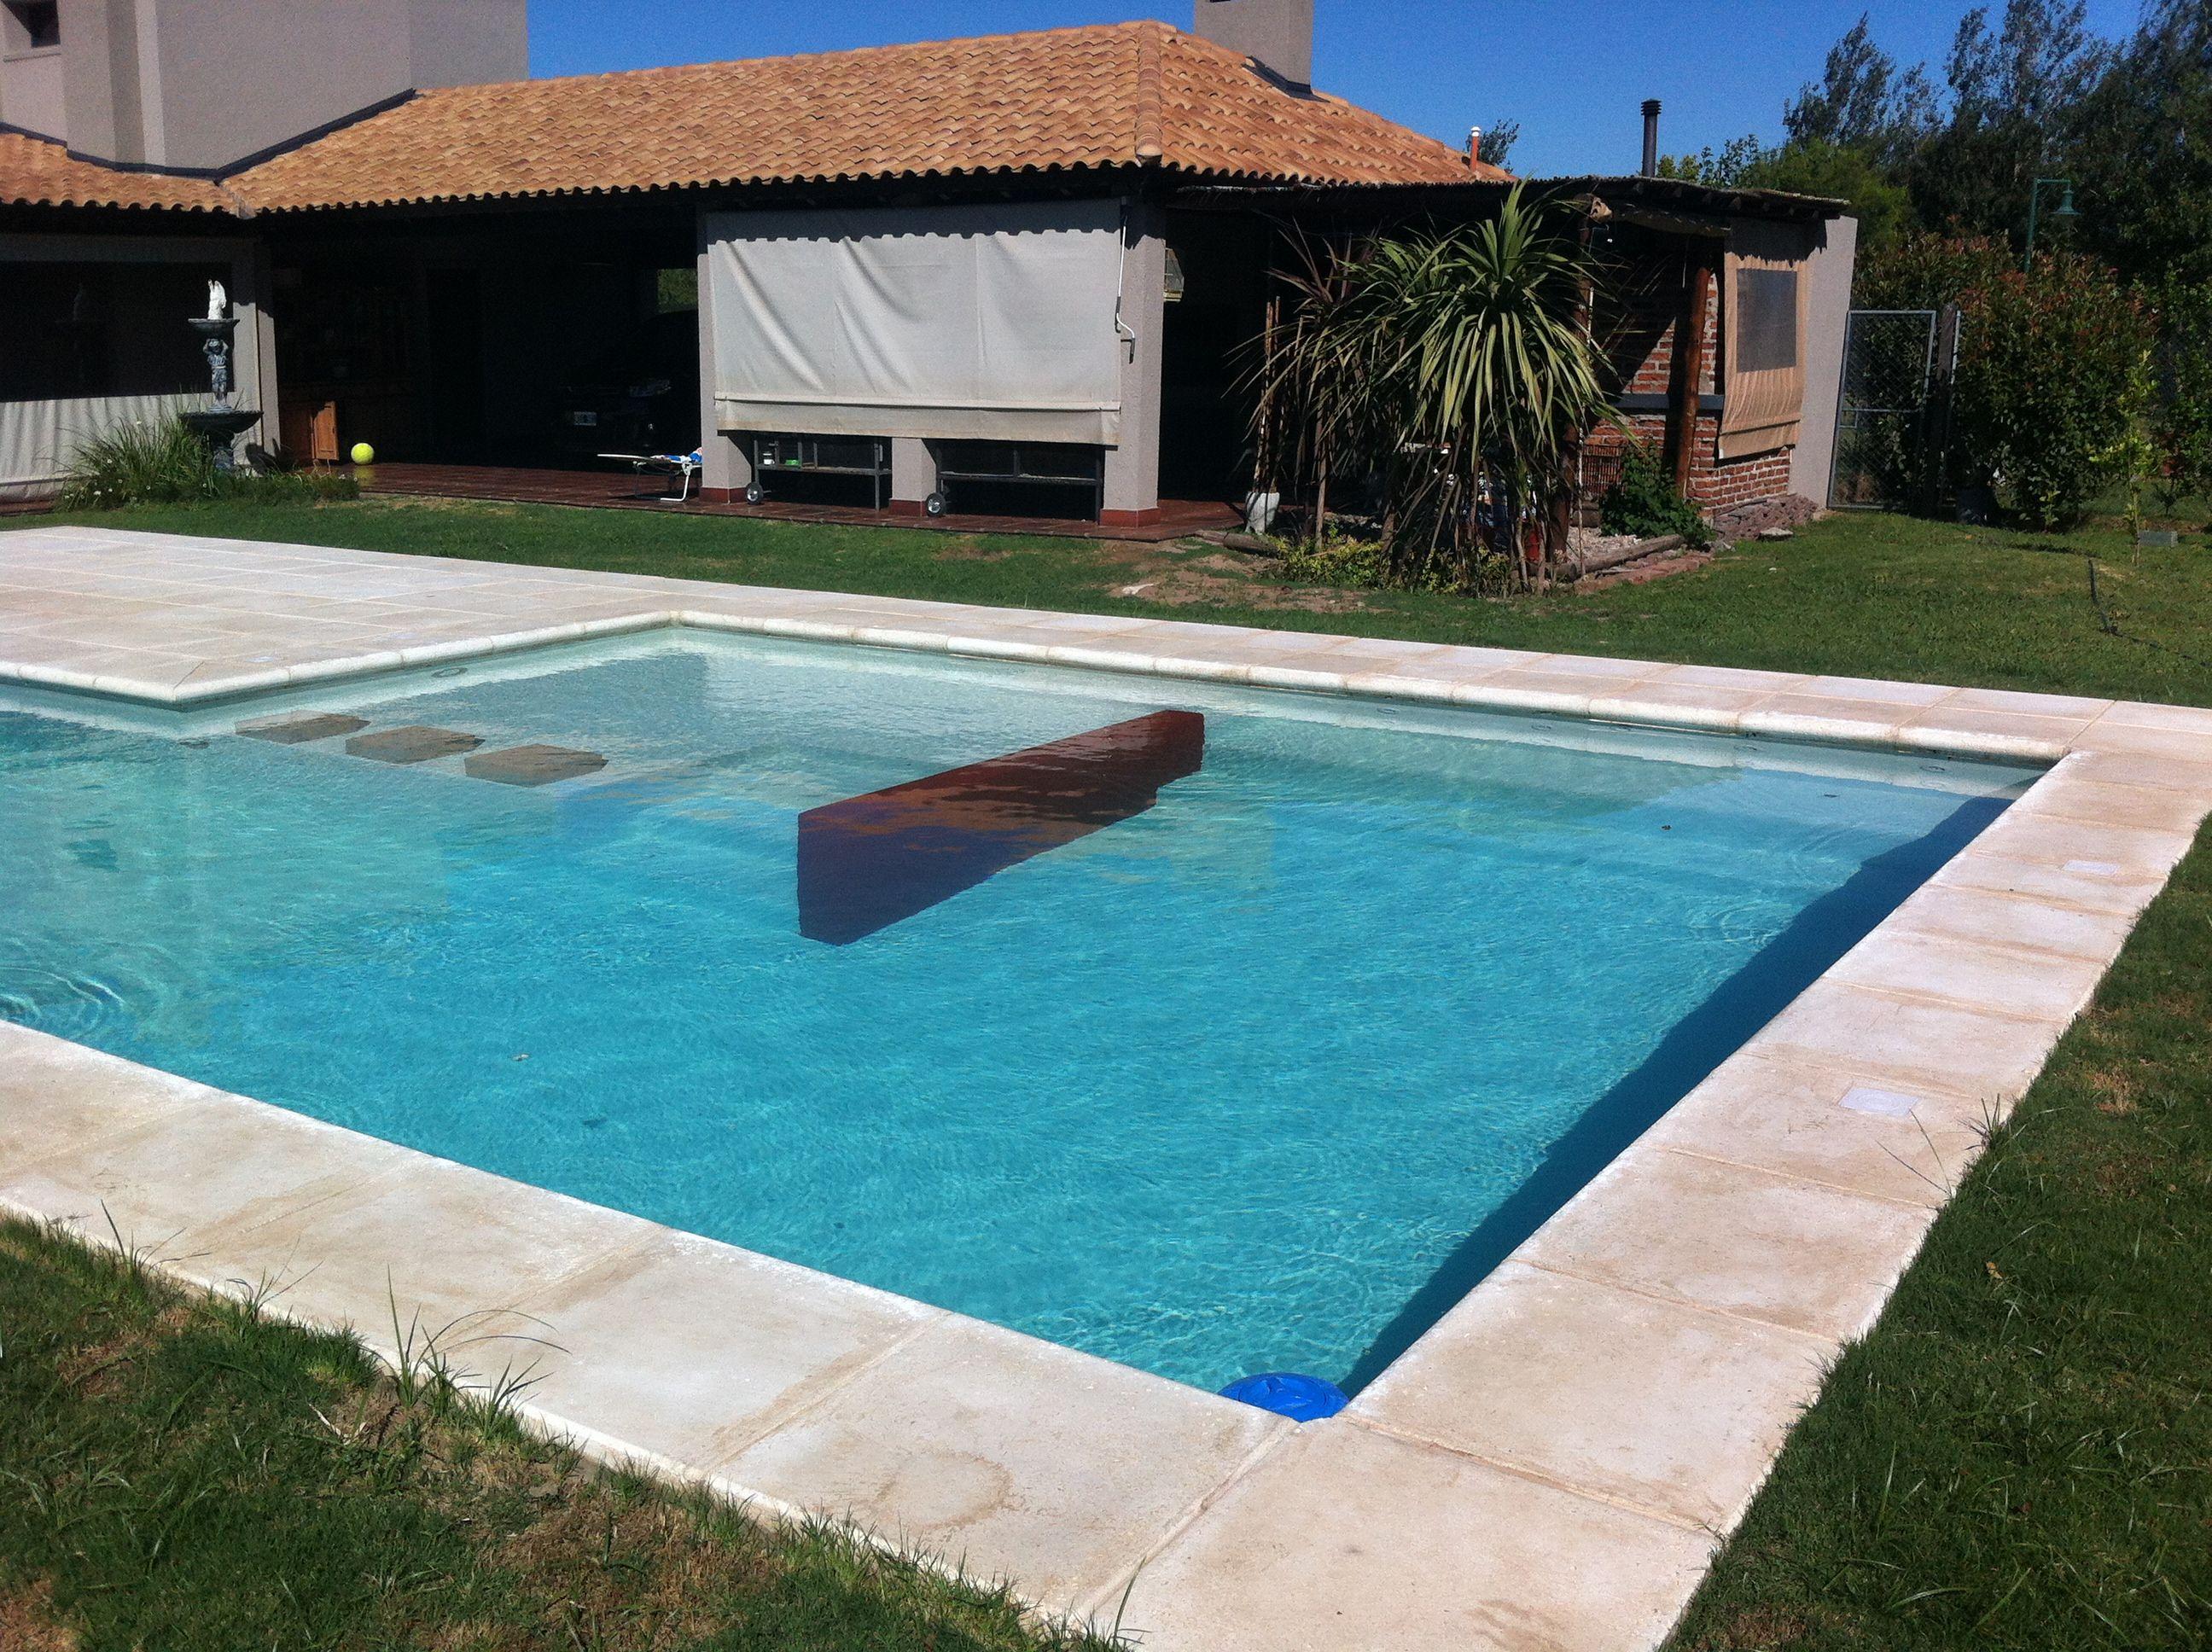 Dise os de piscinas modernas casa dise o - Diseno de piscinas modernas ...